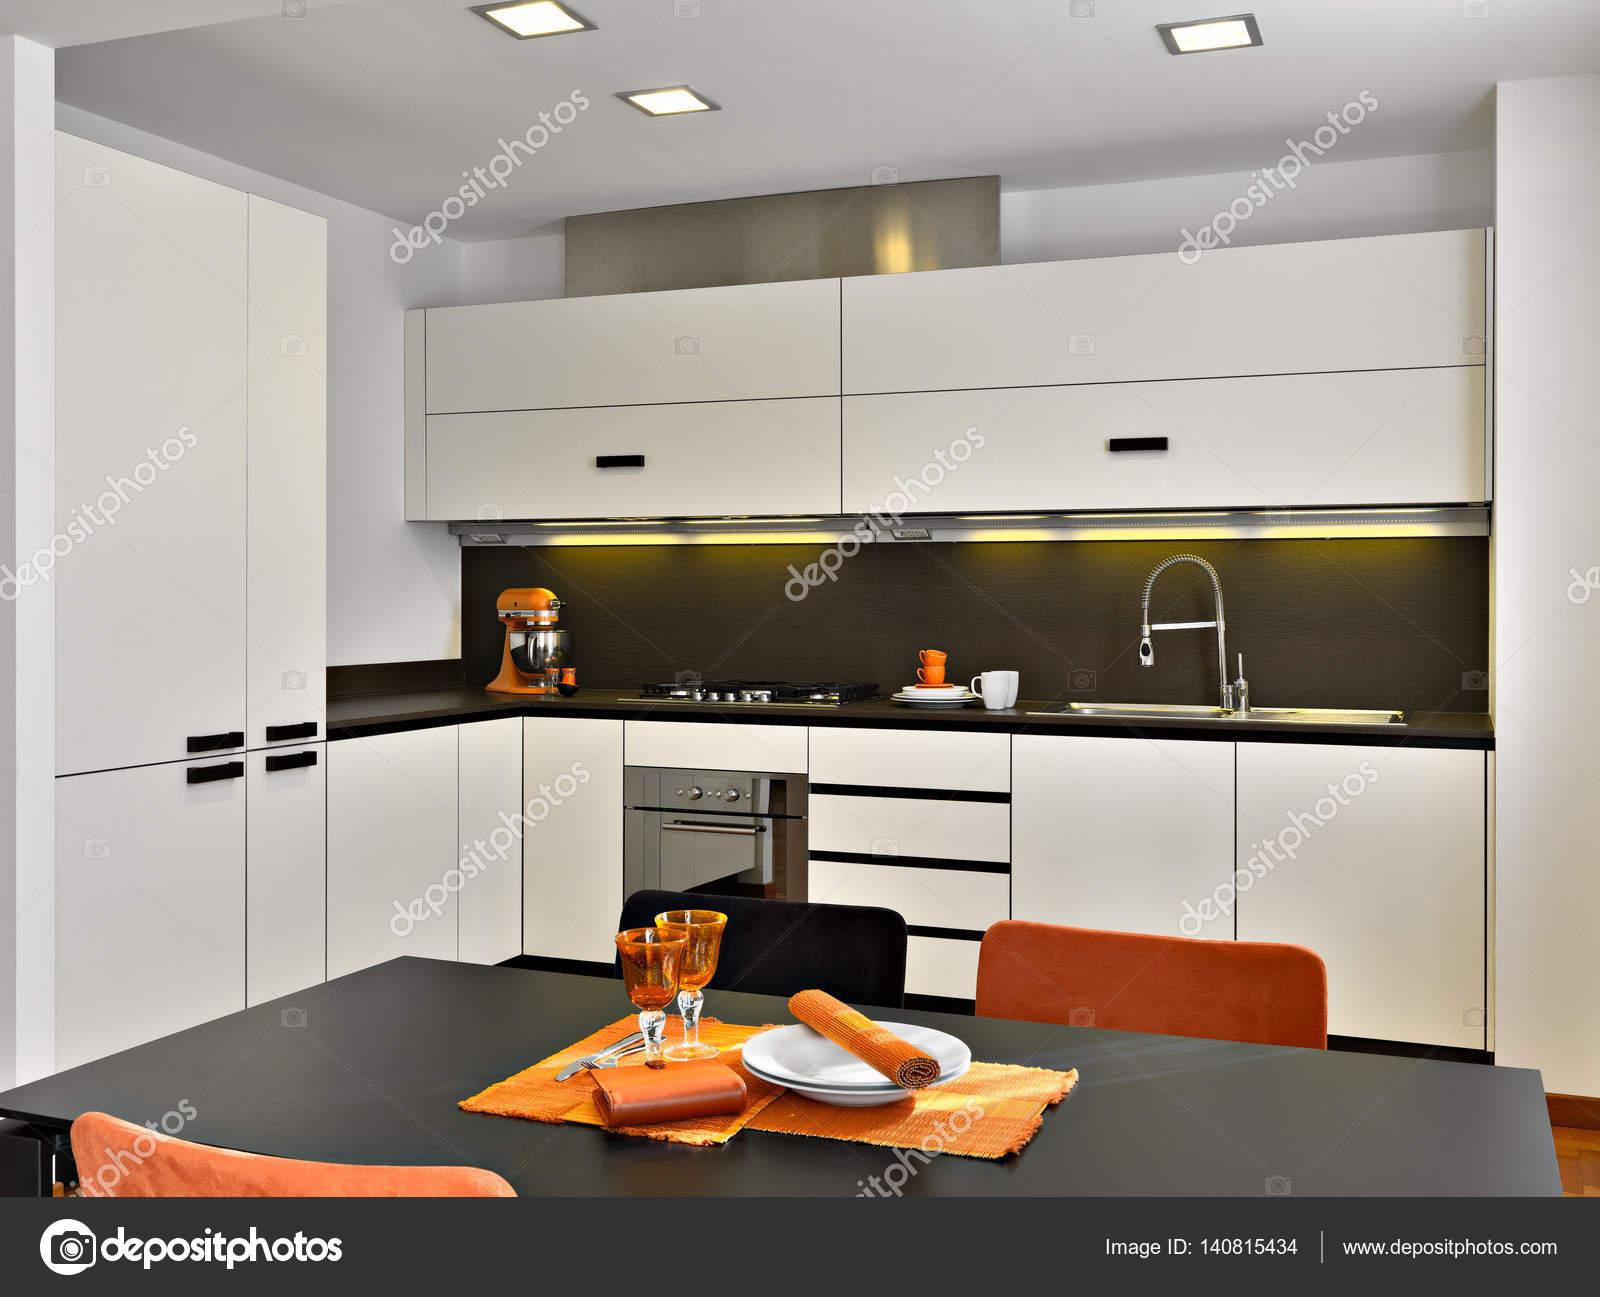 innenansicht einer modernen küche — Stockfoto © aaphotograph #140815434